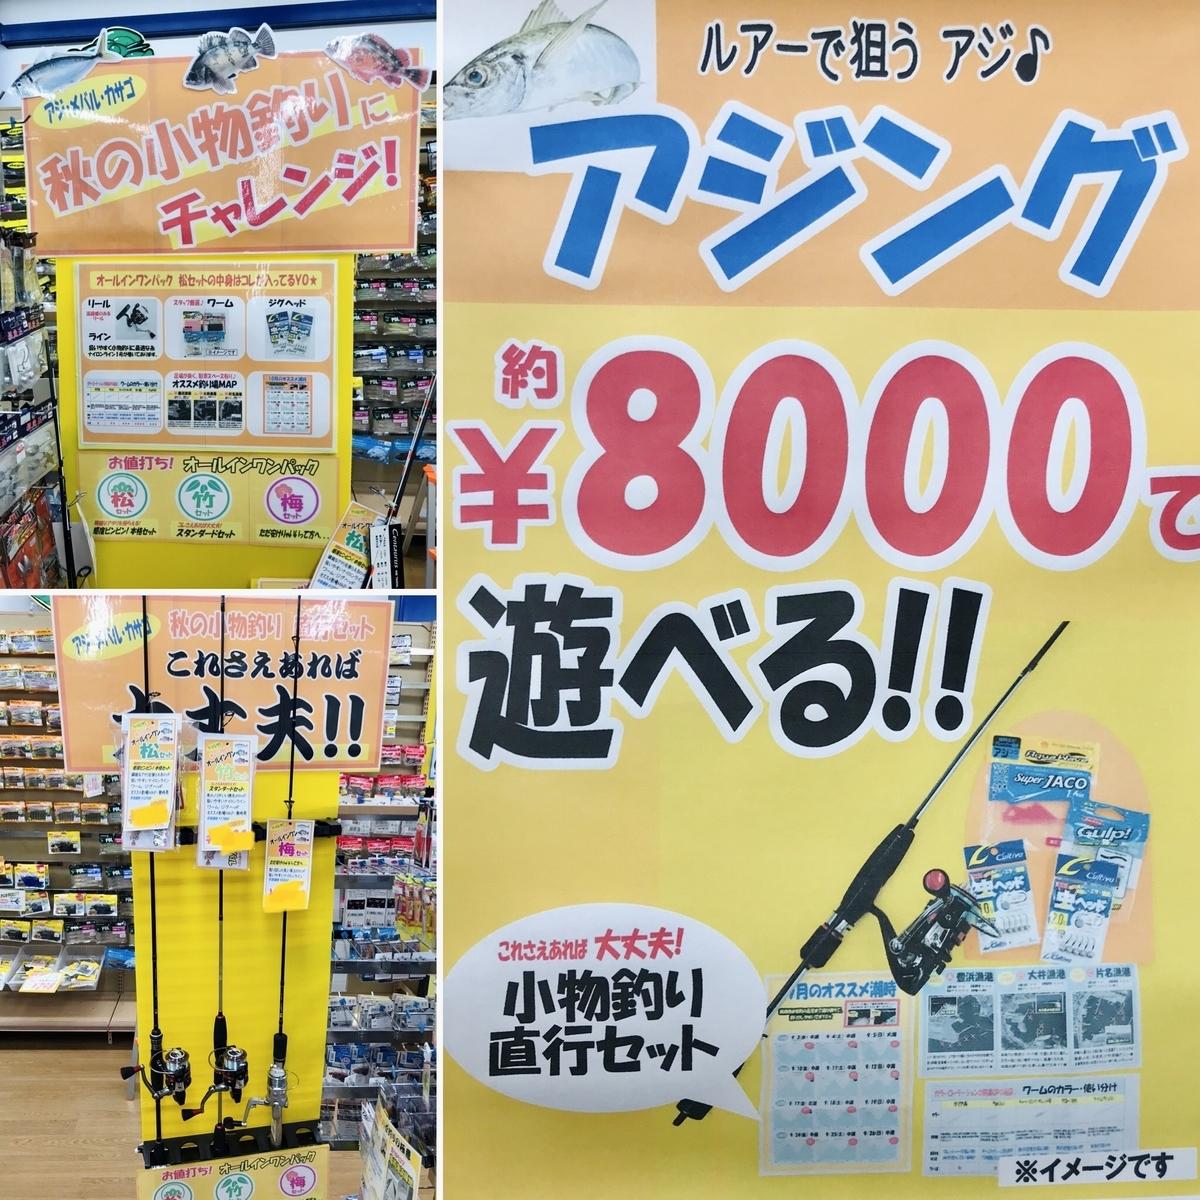 f:id:tengudo_staff:20211001120028j:plain